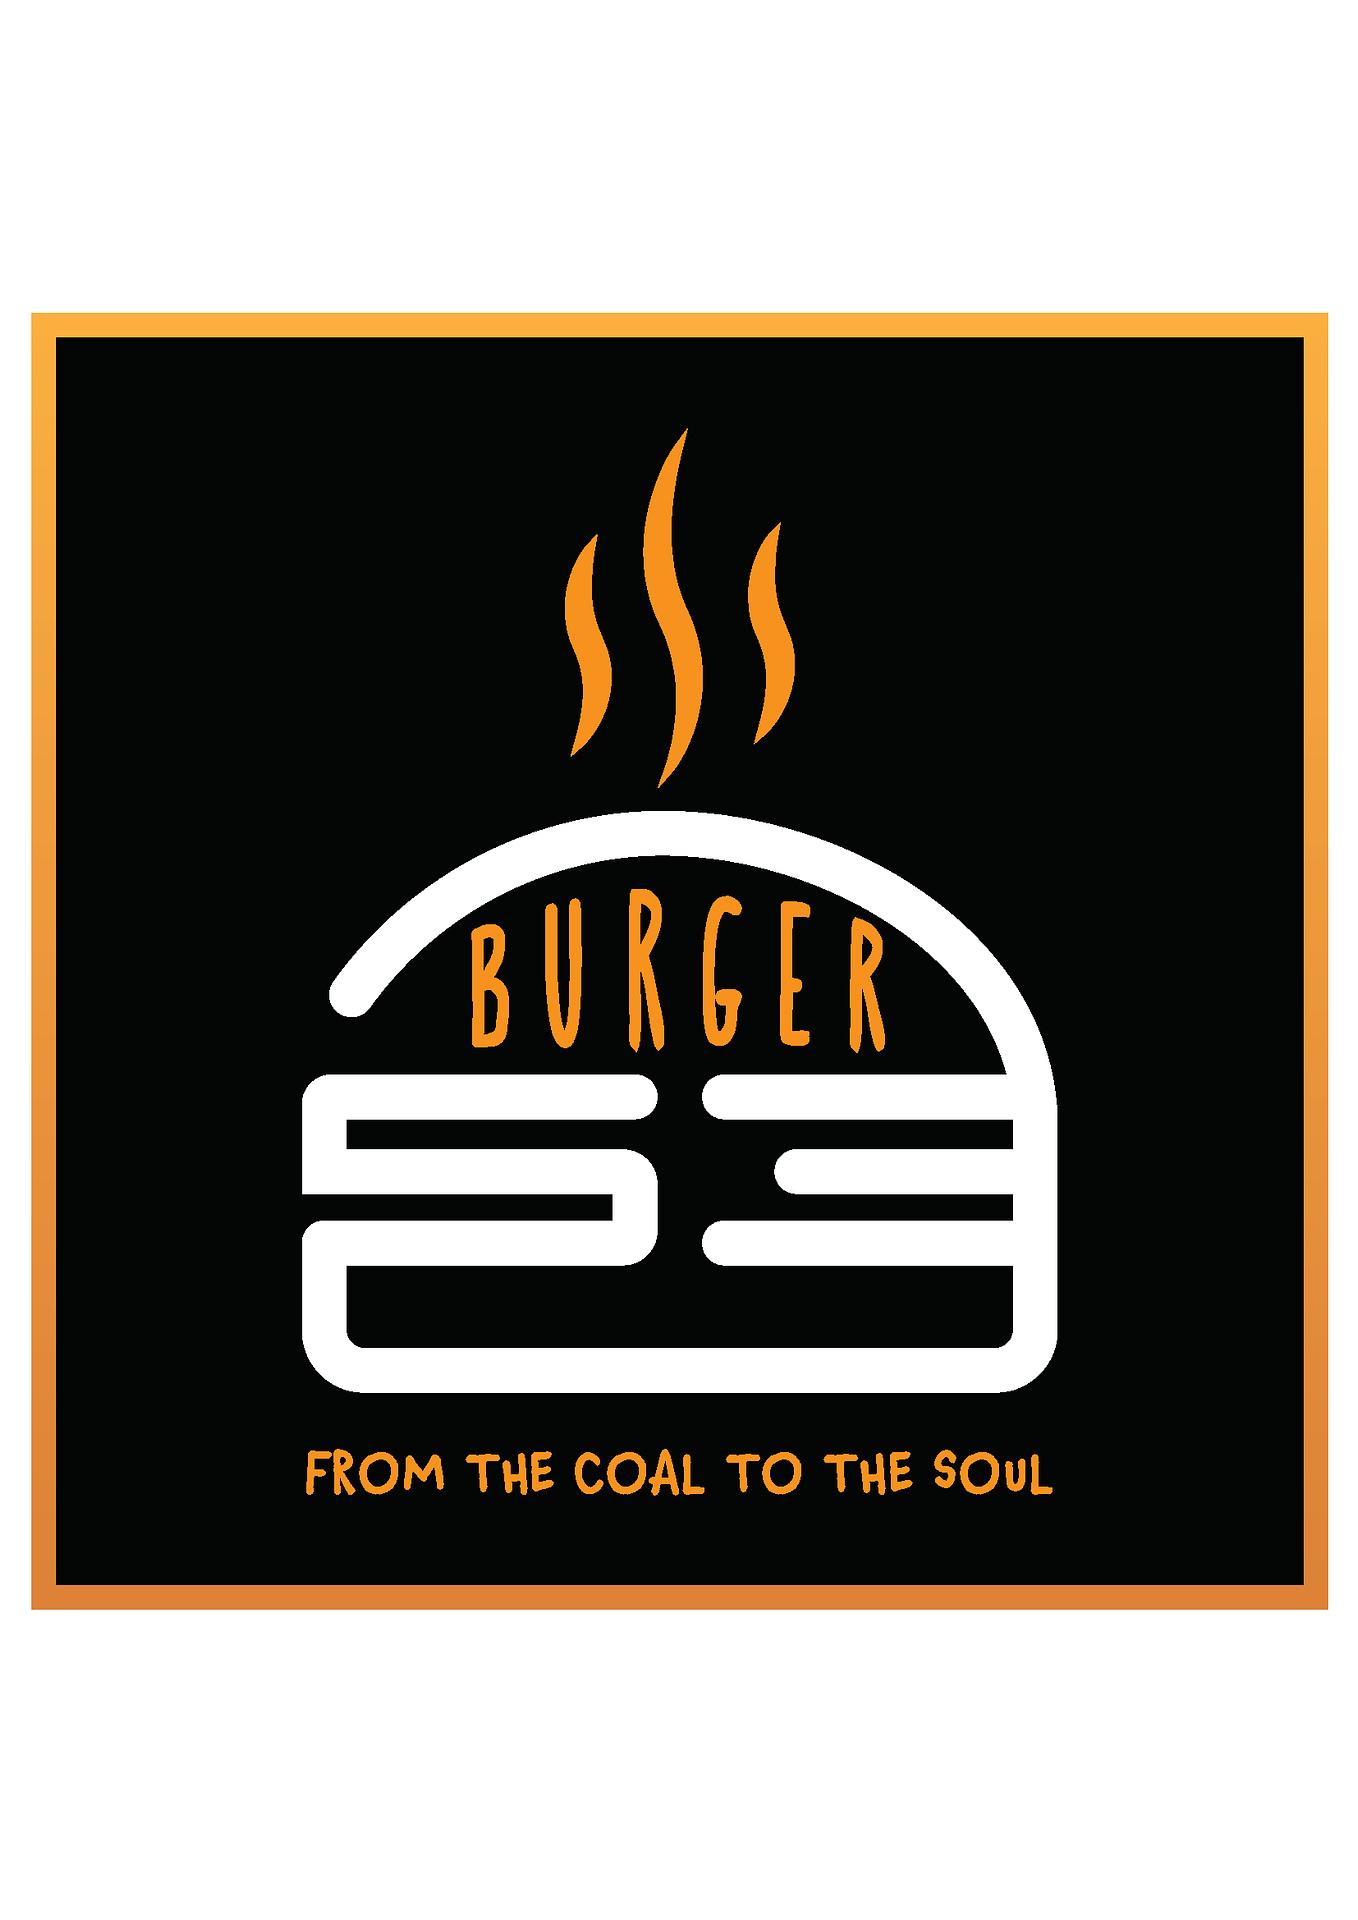 Burger 53